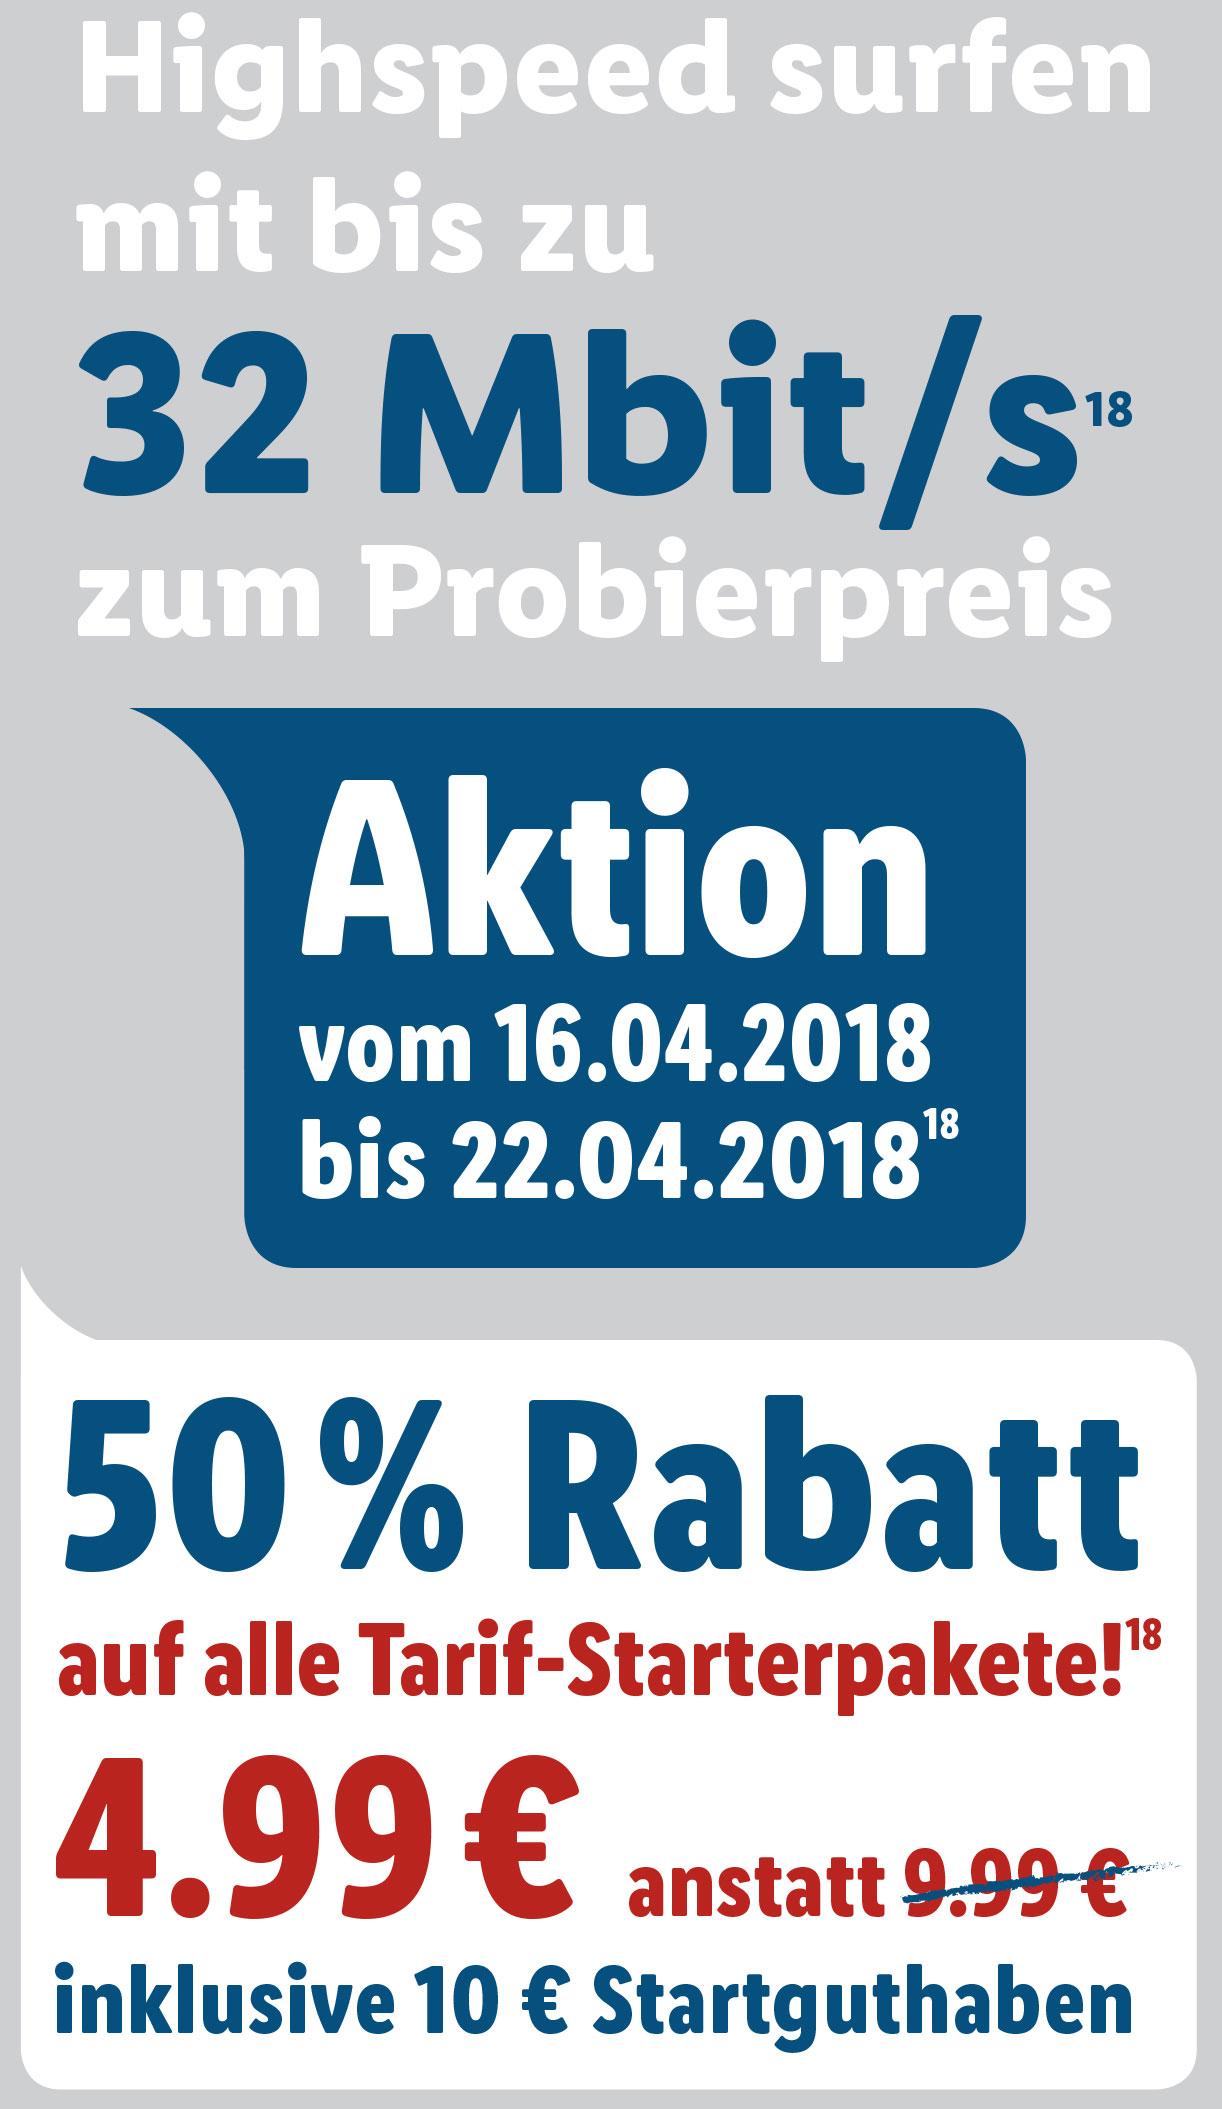 50% Rabatt auf LIDL Connect (Vodafone-Netz) Startpaket zu 4,99 Euro (10 Euro Startguthaben!)